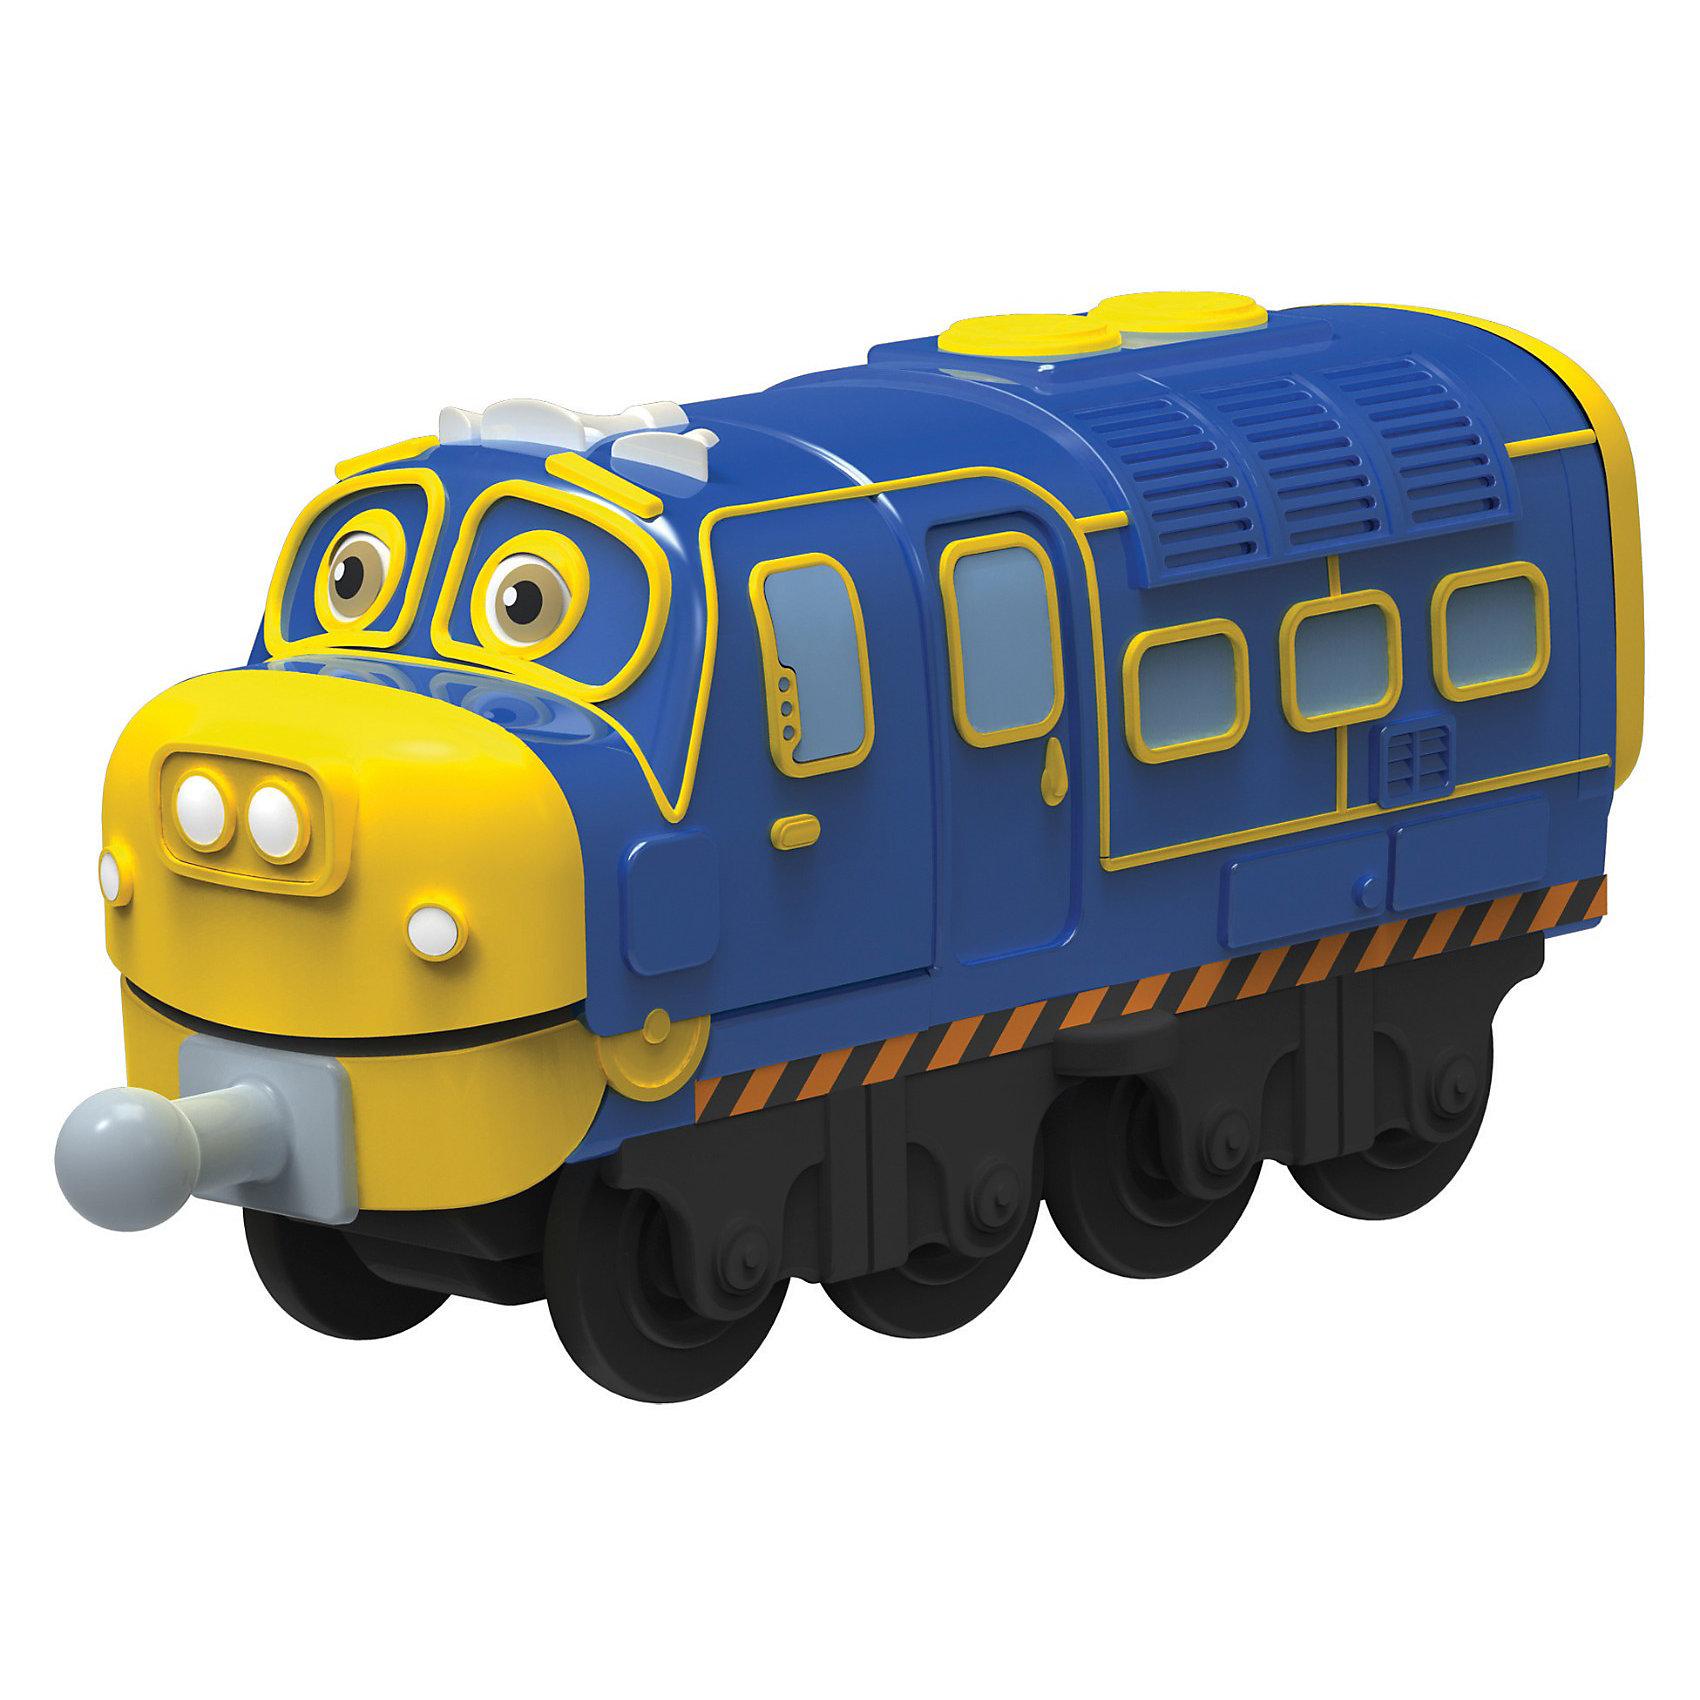 Паровозик Брюстер-инженер, ЧаггингтонИгрушечная железная дорога<br>Яркий металлический Паровозик Брюстер-инженер, Чаггингтон несомненно привлечет внимание вашего ребенка и не позволит ему скучать. <br> <br>Паровозик выполнен в виде забавного персонажа из мультфильма «Веселые паровозики из Чаггингтона». Отделка и окрас паровозика максимально приближены ко внешнему виду знаменитого героя. У него есть глаза и носик, а так же очаровательная улыбка. Инженер по имени Брюстер всегда готов выстроить схему и поучаствовать в перевозке, погрузке грузов, проектировании и бурении. Впереди и сзади есть специальные элементы для крепления с другими вагончиками.<br><br>Дополнительная информация:<br><br>-Длина паровозика: 9 см<br>-Материалы: металл, пластик<br>-Паровозик не моторизованный: ребенок самостоятельно катает его по рельсам<br><br>Ваш ребенок будет часами играть с паровозиком, придумывая разные истории и проигрывая любимые моменты из мультфильма. Порадуйте его таким замечательным подарком! <br><br>Паровозик Брюстер-инженер, Чаггингтон (Chuggington) можно купить в нашем магазине.<br><br>Ширина мм: 171<br>Глубина мм: 144<br>Высота мм: 35<br>Вес г: 88<br>Возраст от месяцев: 36<br>Возраст до месяцев: 60<br>Пол: Мужской<br>Возраст: Детский<br>SKU: 3232703